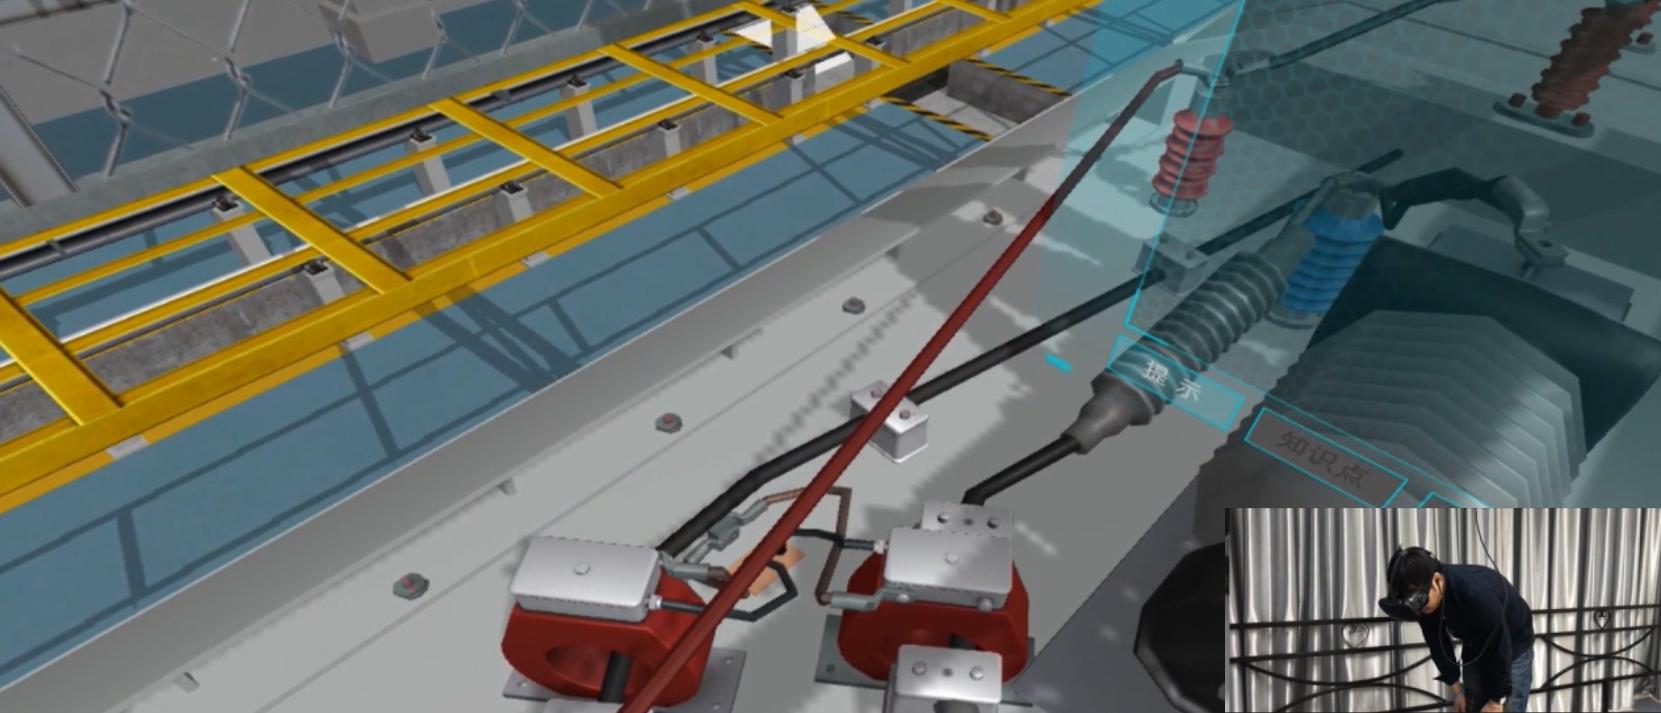 钢框架结构施工 预制桩基础工程施工 多层现浇框架施工 砌体工程施工